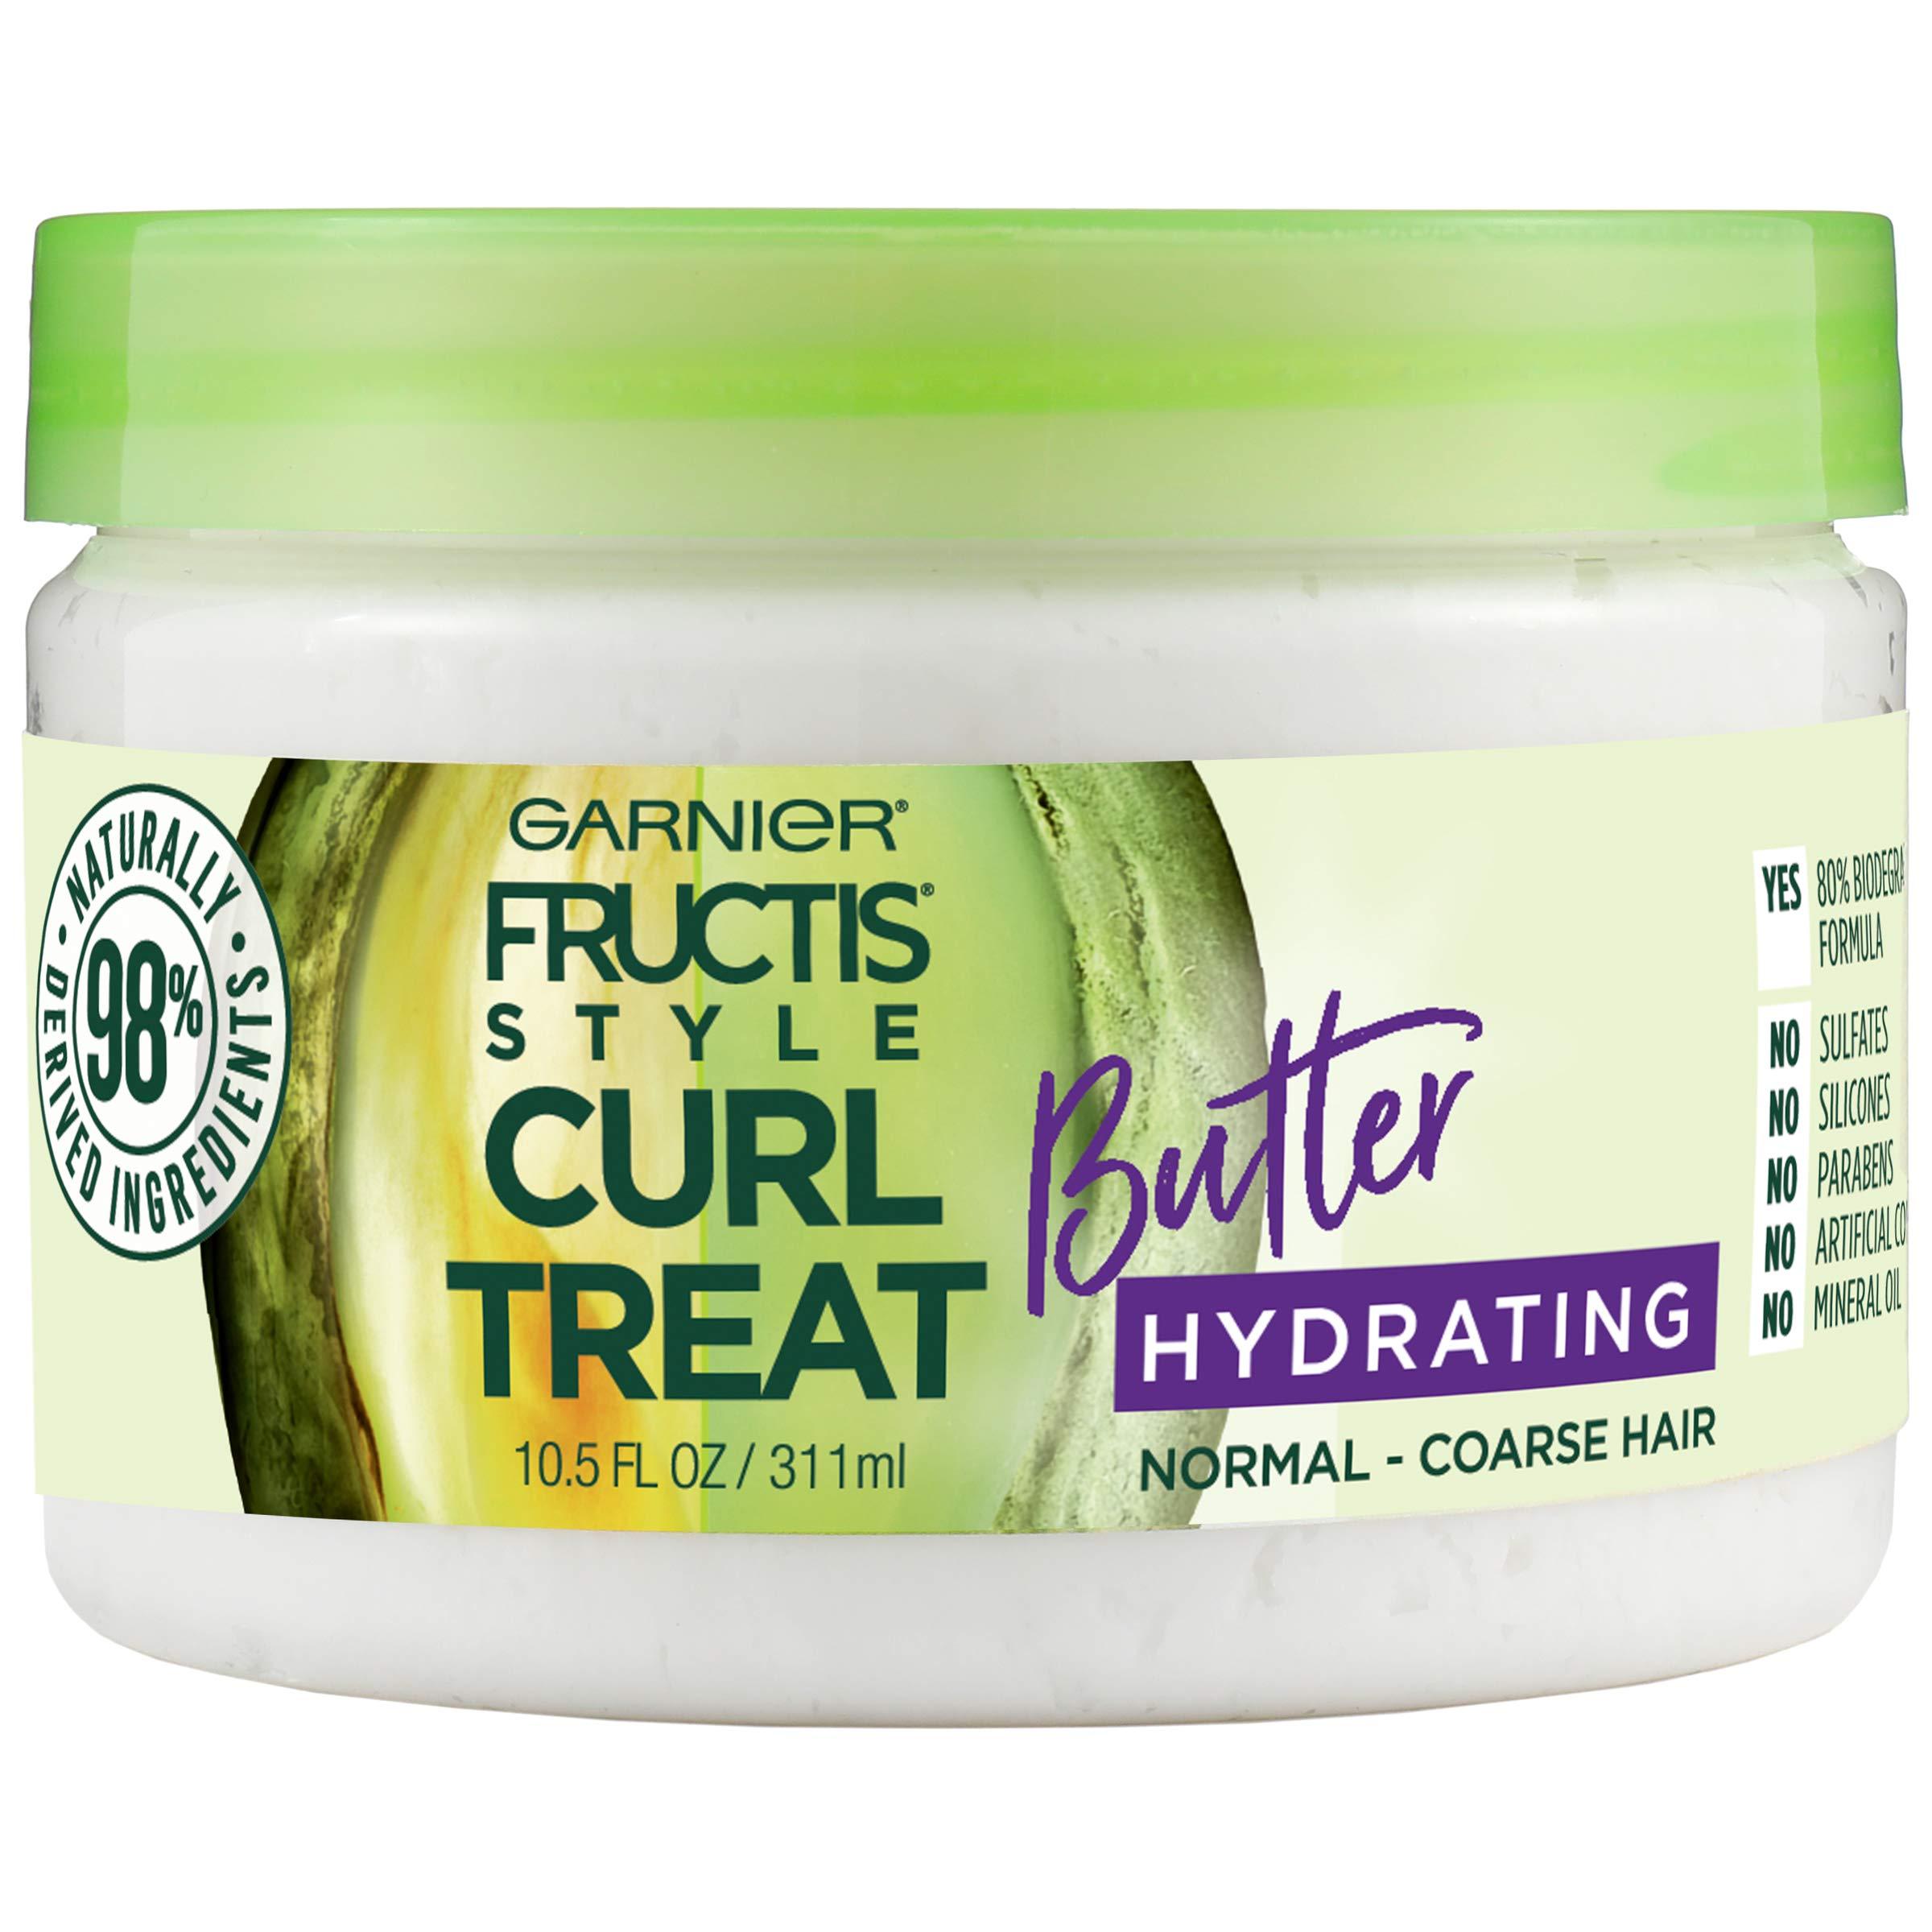 Garnier - Curl Treat Butter Hydrating Leave-in Styler Butter